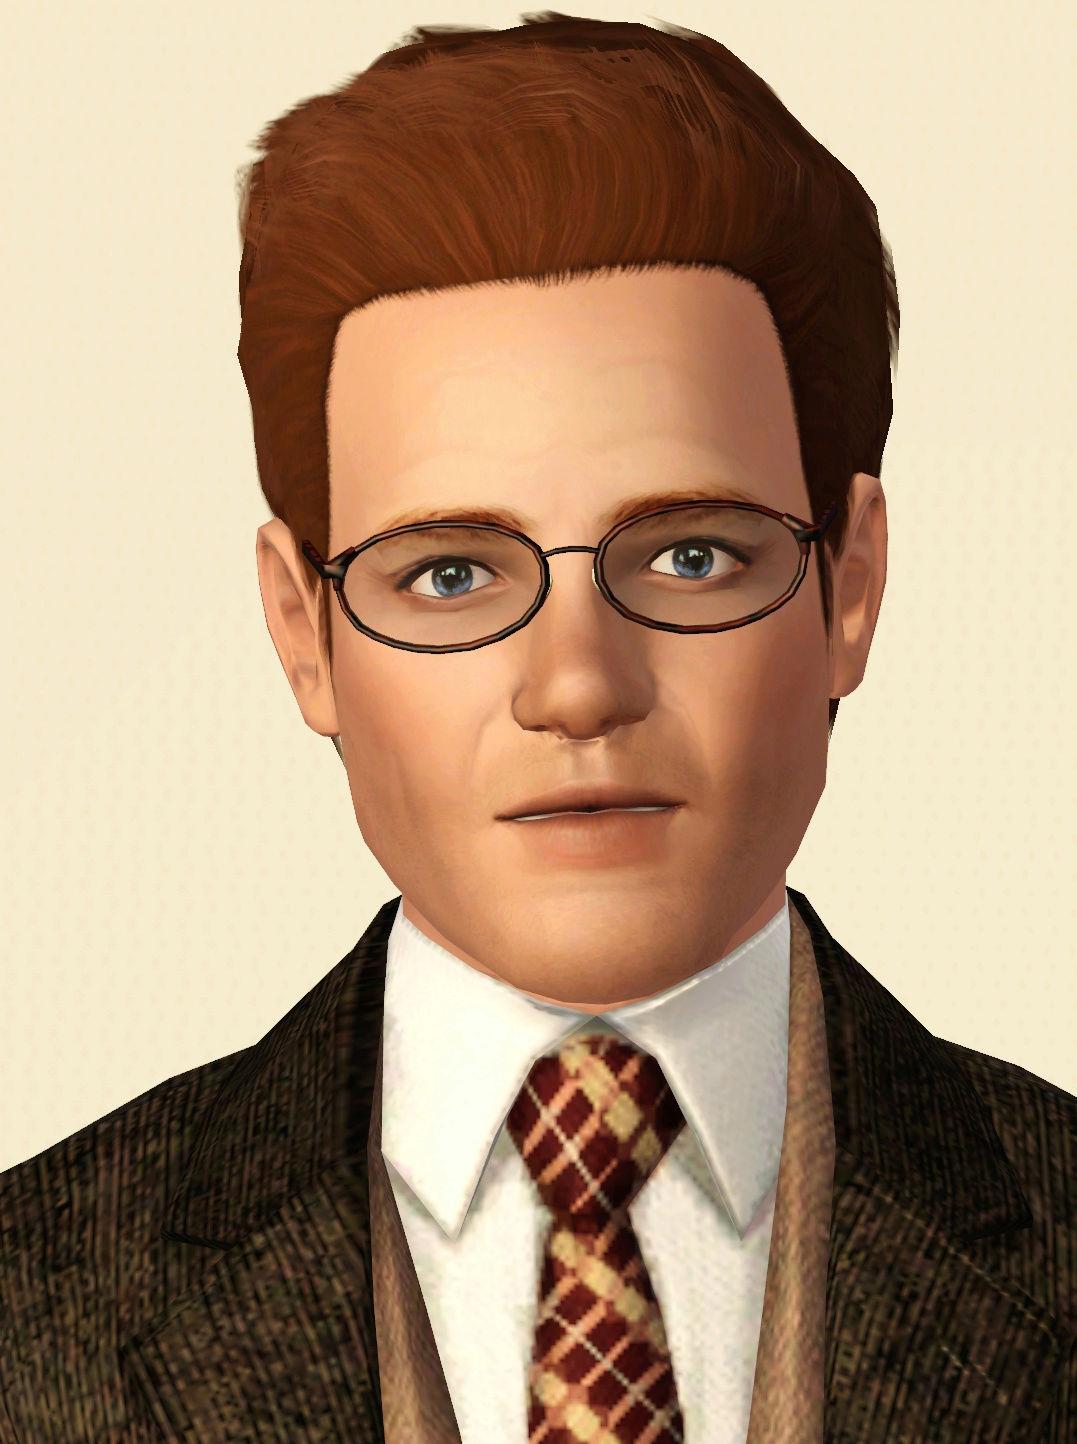 commande Sims 3 de plusieurs personnages  (OUAT) - Page 3 Sans_t11